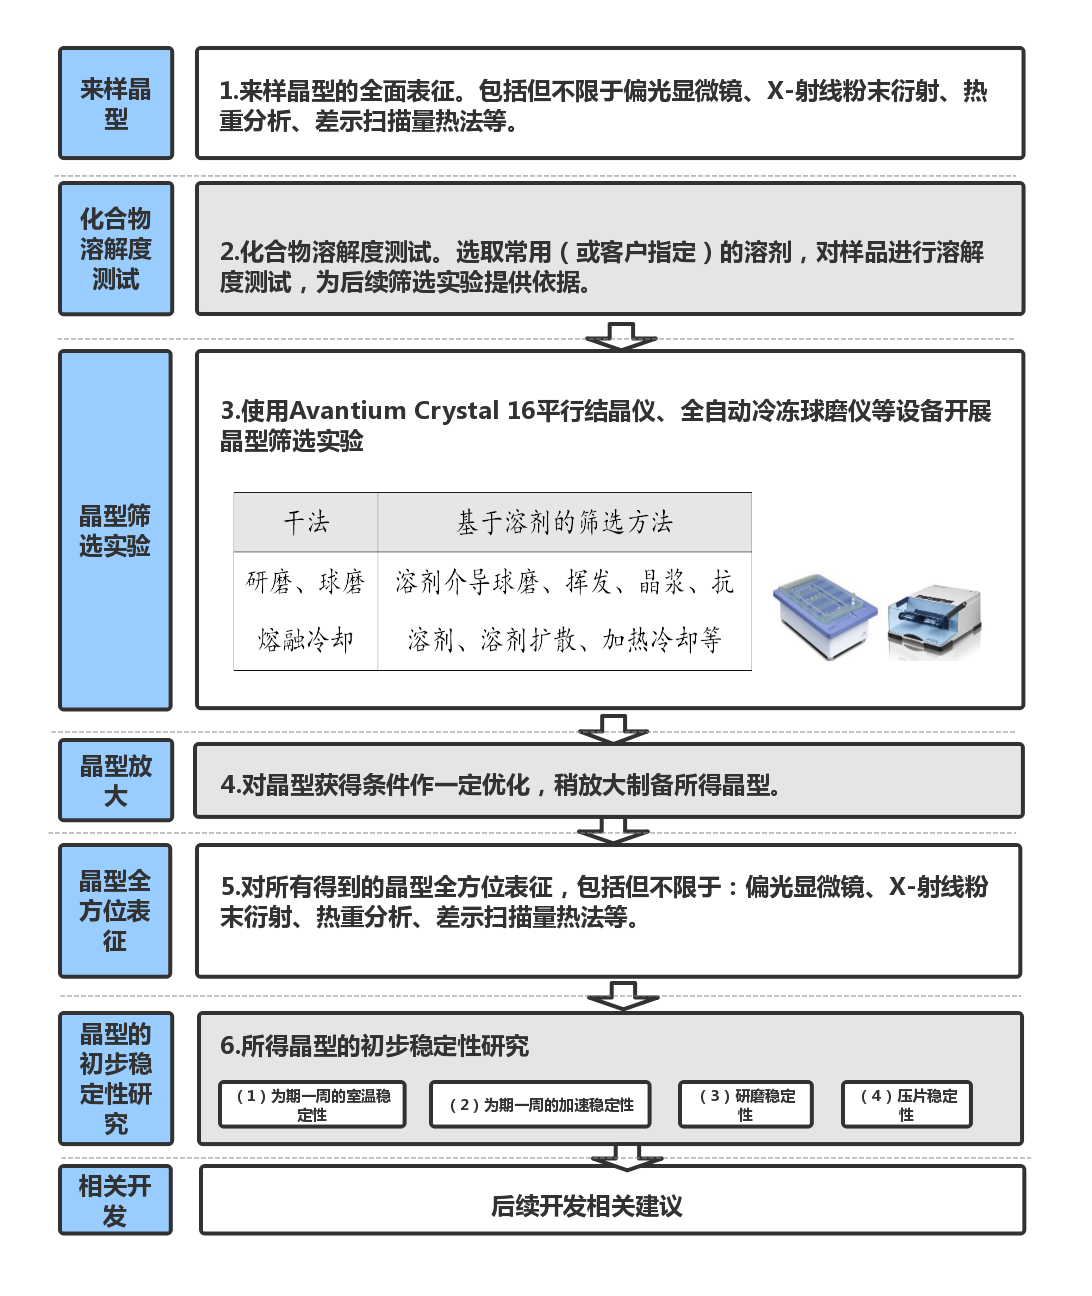 药物多晶型筛选方案设计